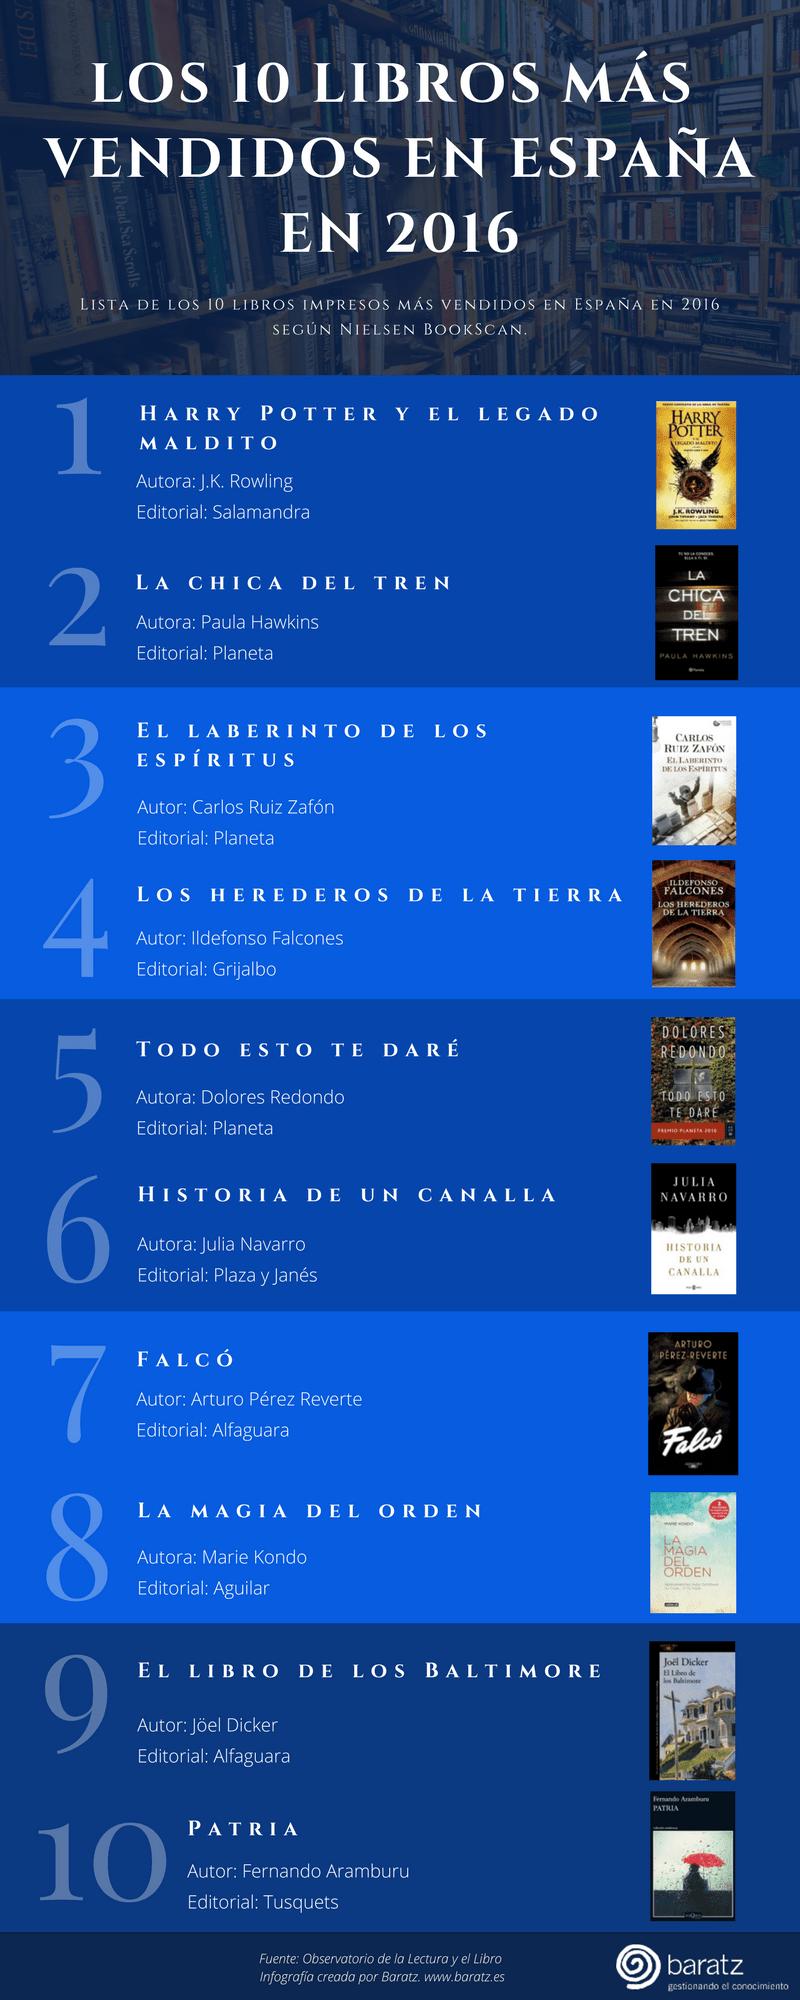 Los 10 libros más vendidos en España en 2016